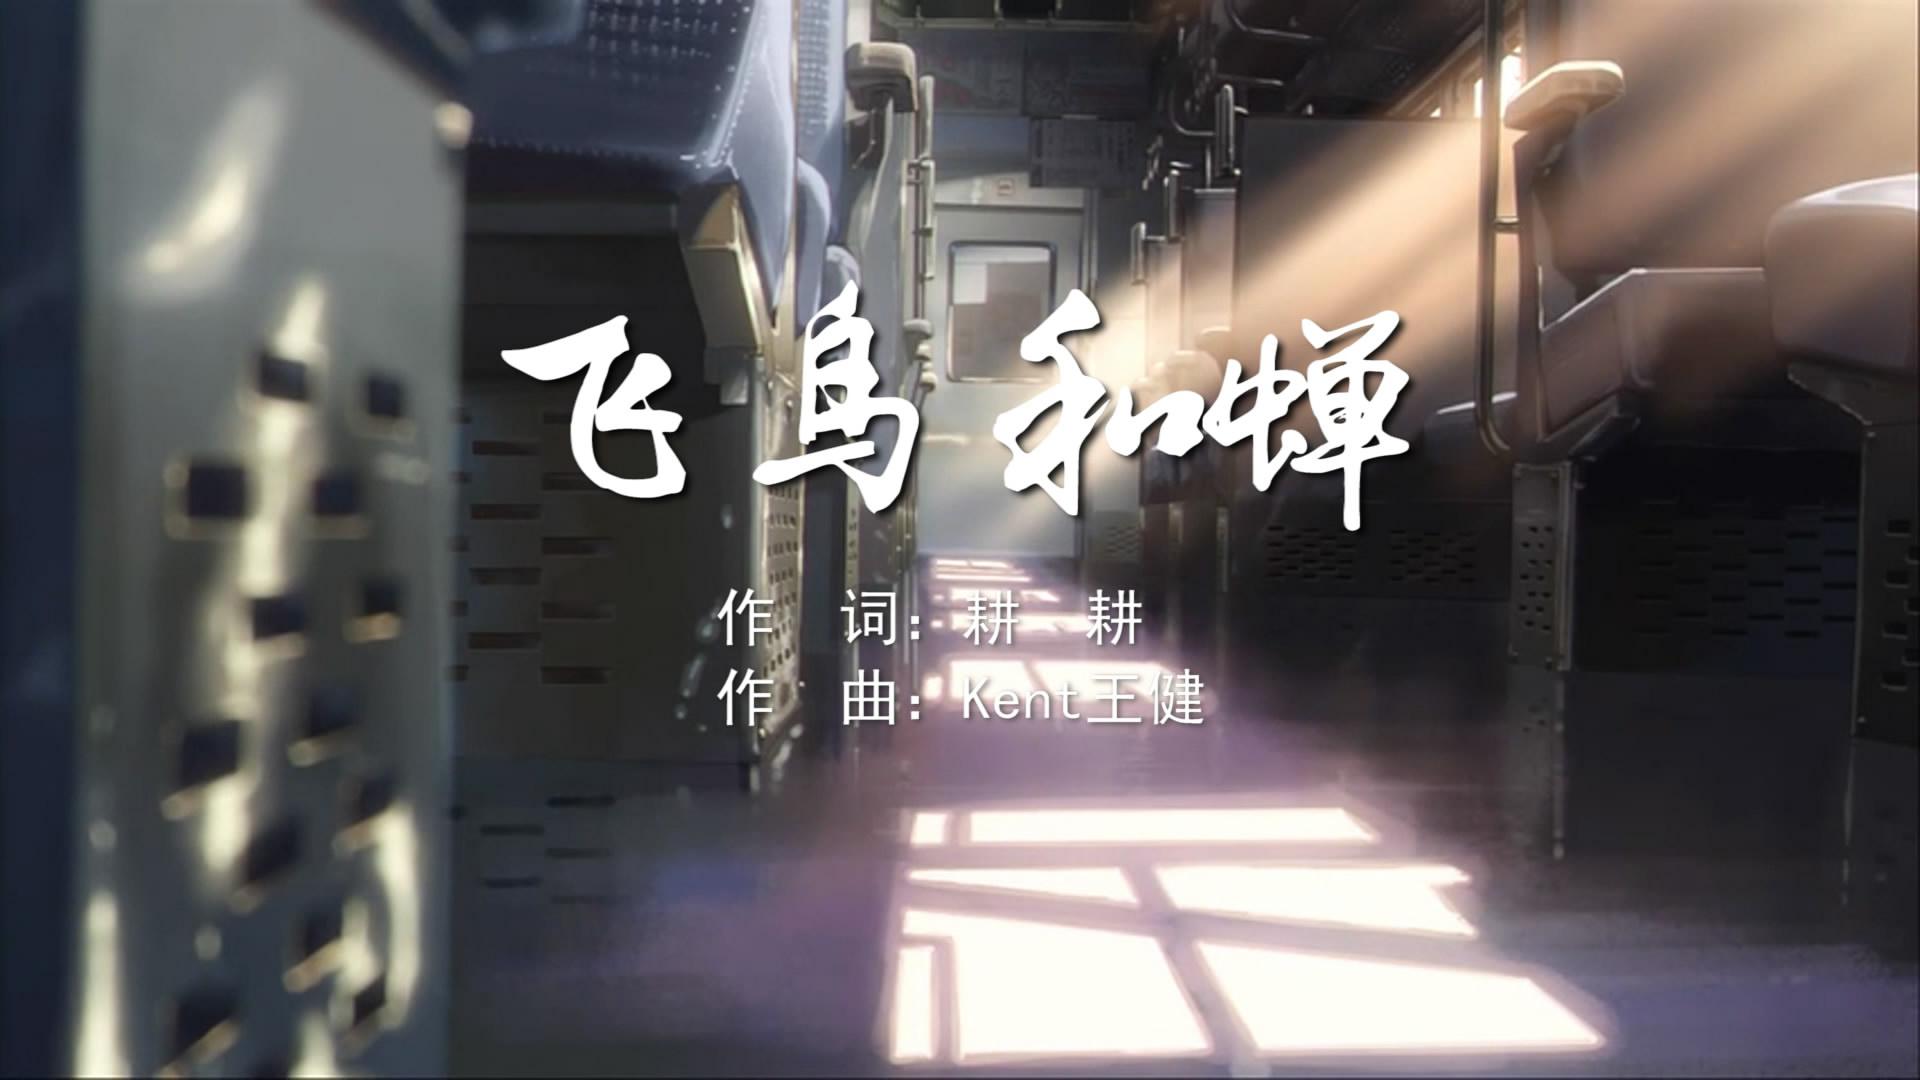 海画沙mv_流行歌舞 - 高清LED舞台背景大屏幕视频素材 - 素材TV